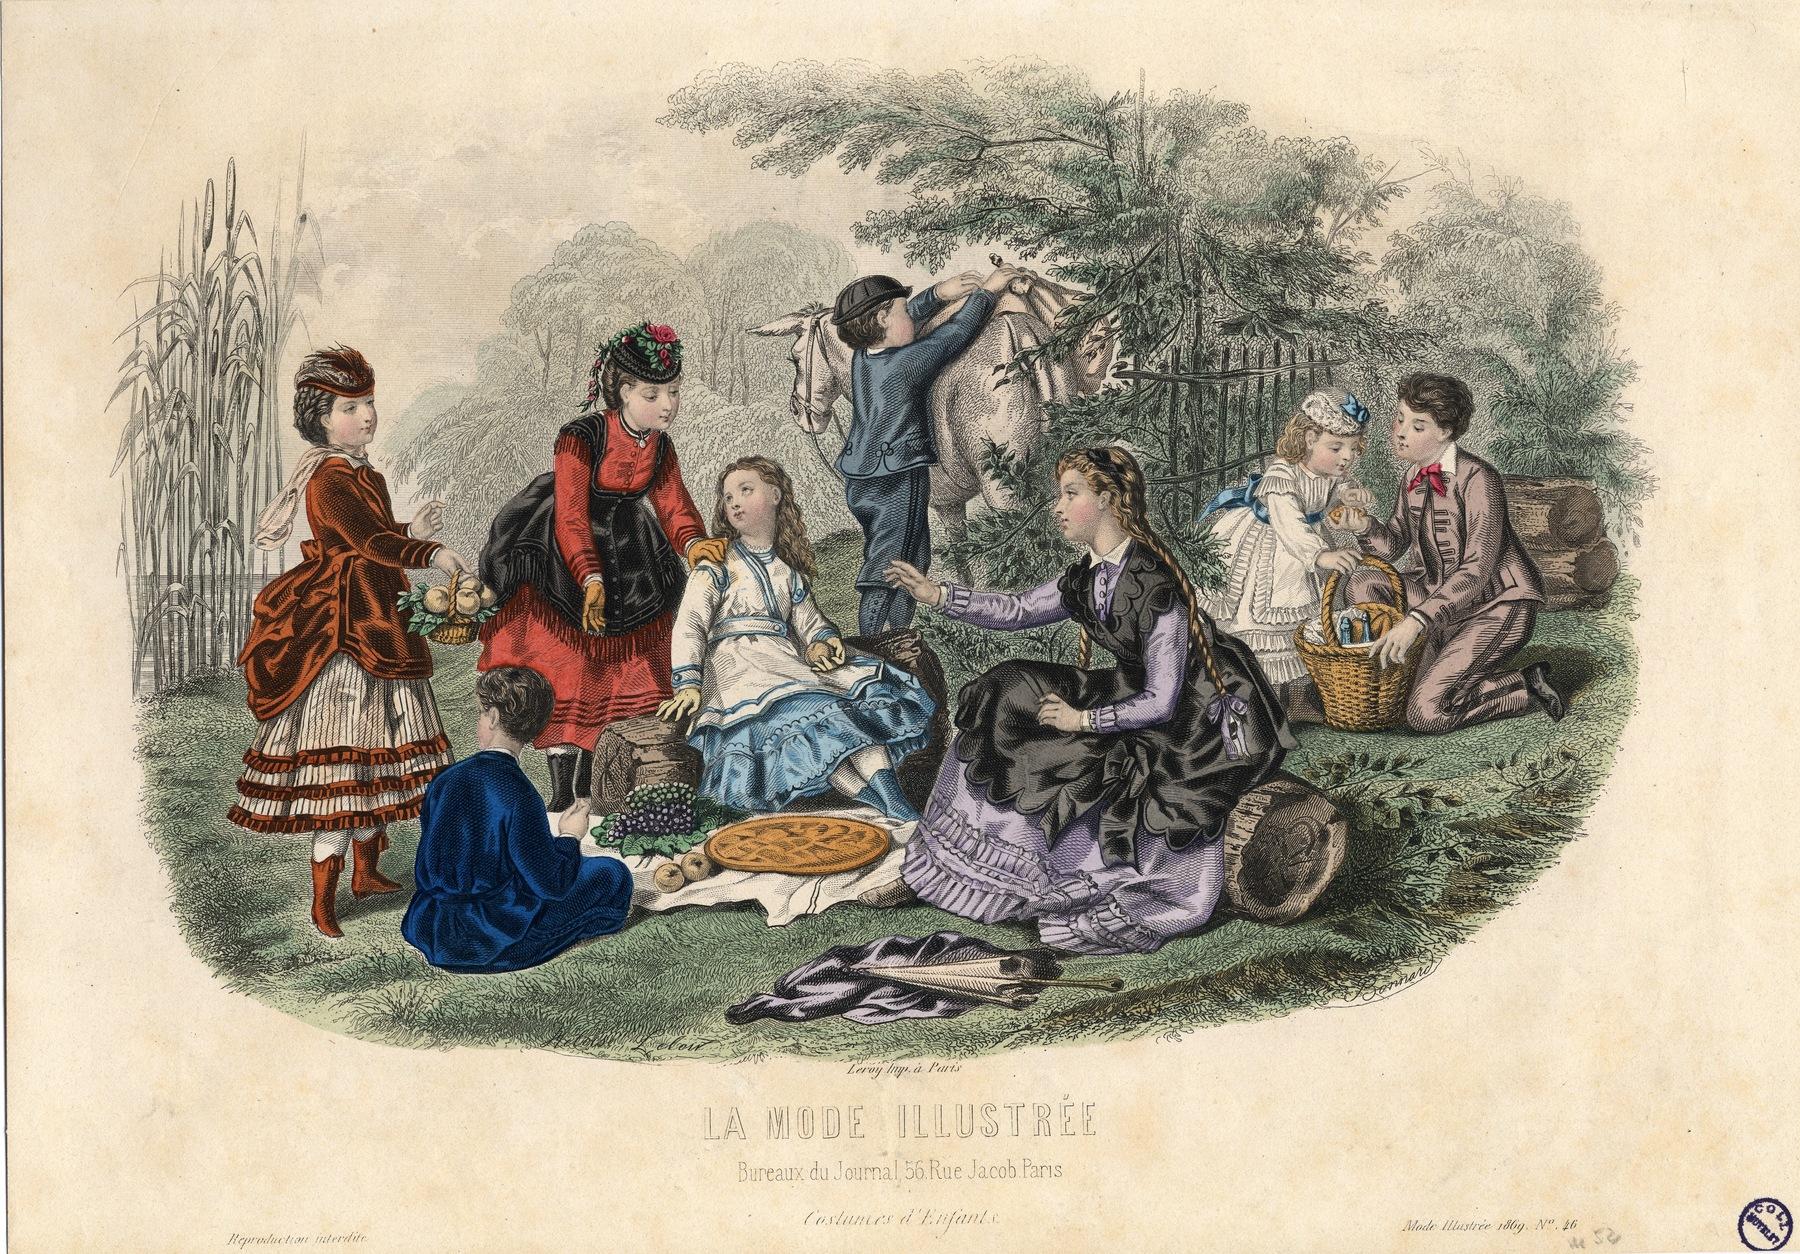 Contenu du La mode illustrée n°46 – Costumes d'enfants.